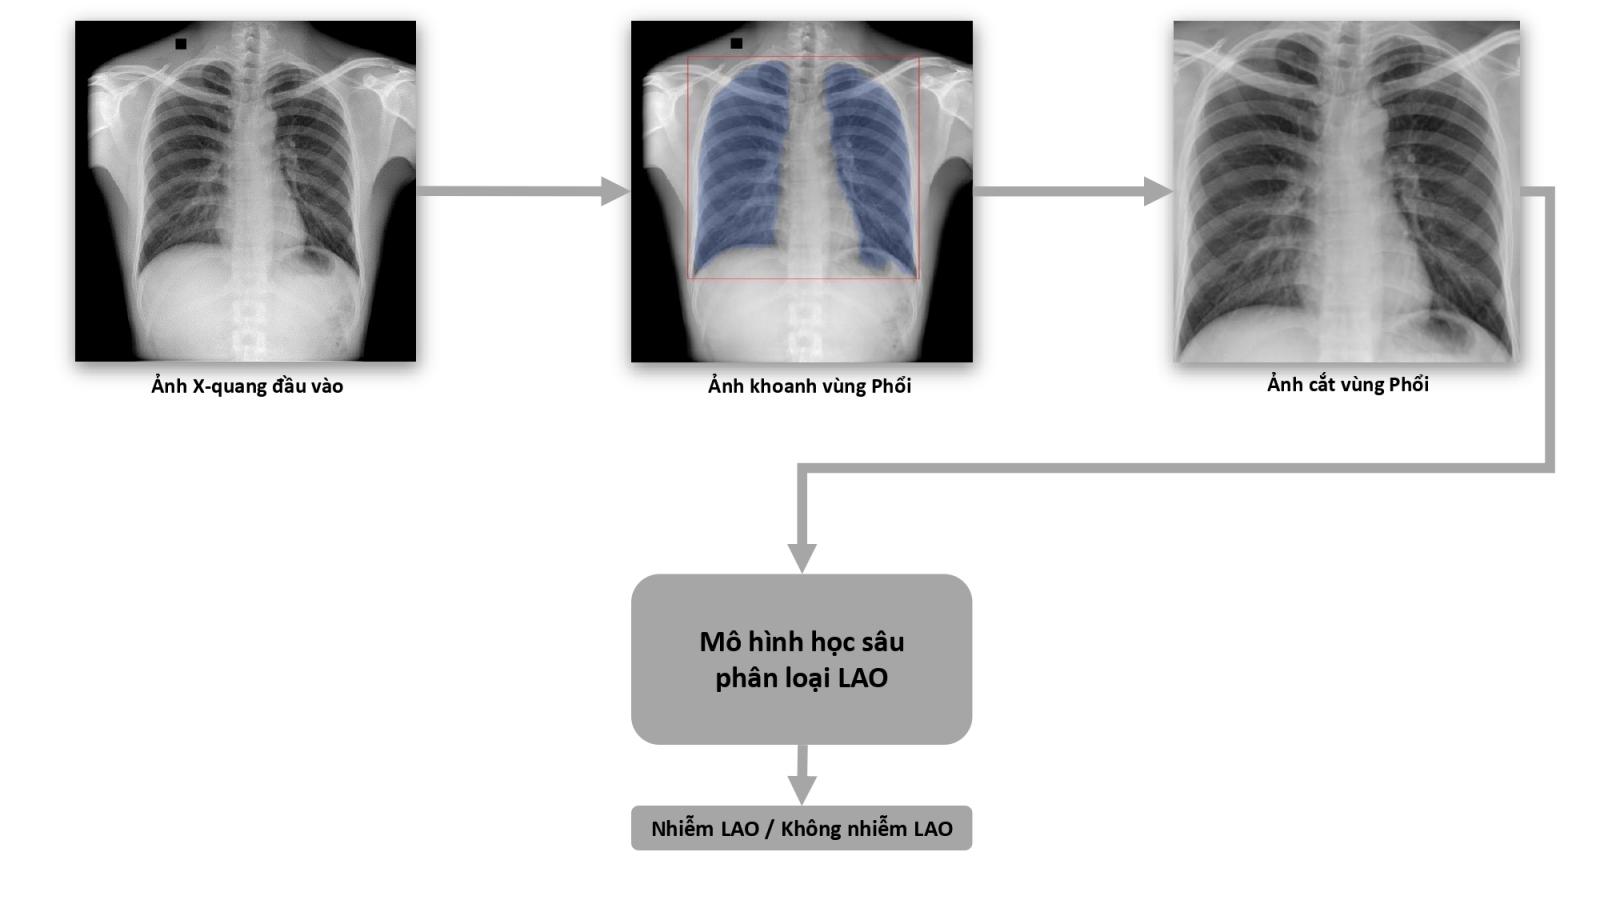 VinBrain và FIT phát hành sách trắngcho chẩn đoán và tầm soát bệnh lao